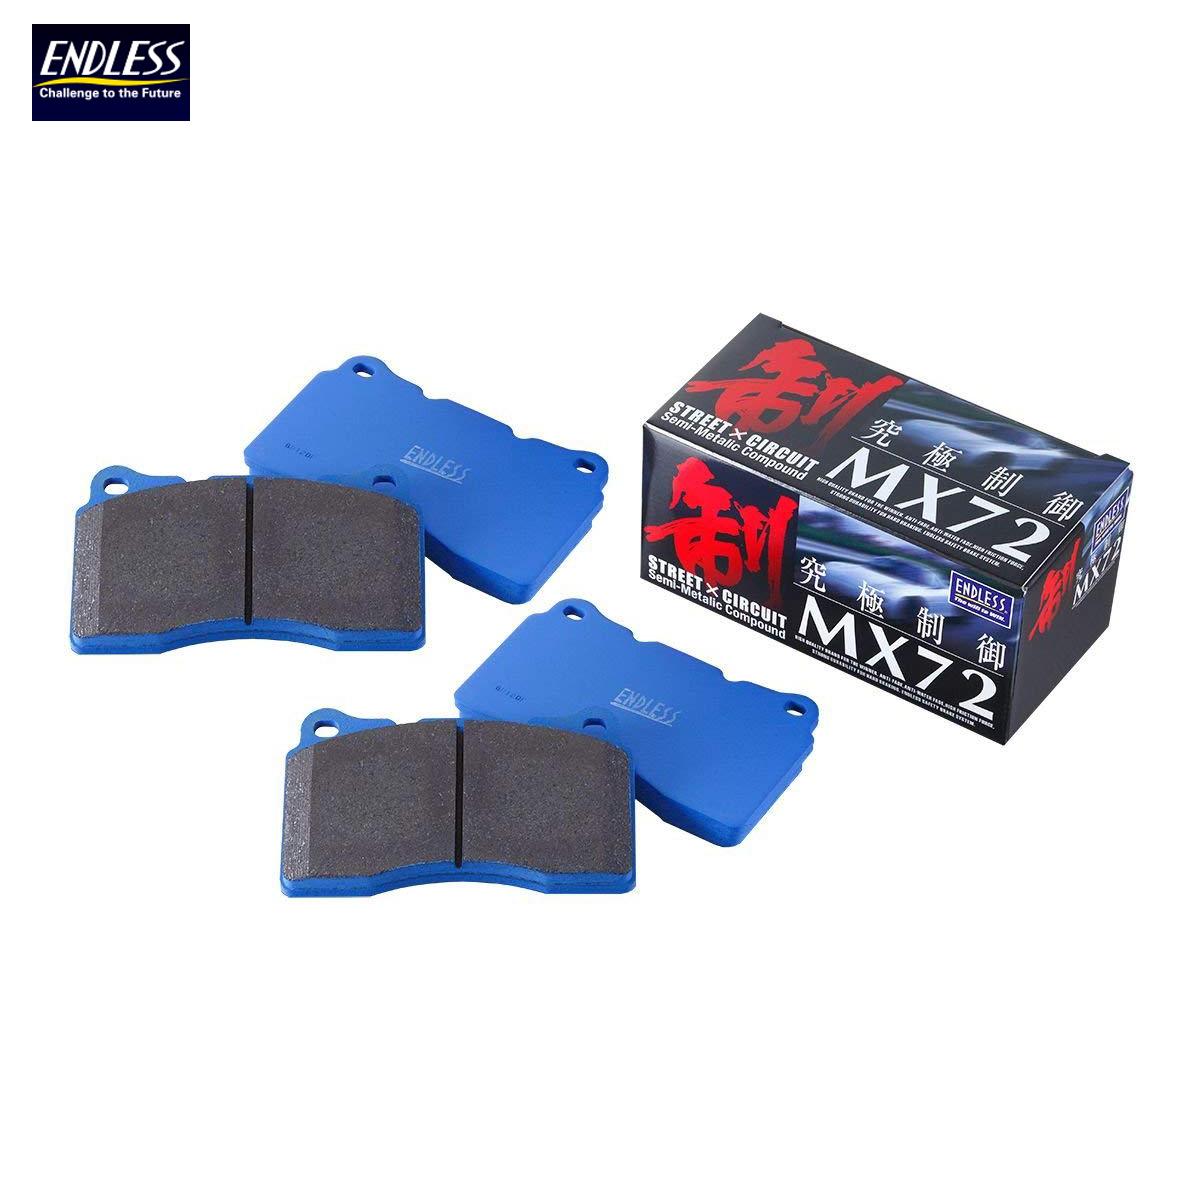 ENDLESS エンドレス ブレーキパッド MX72 リア EP397 ウィッシュ ZNE10G 14G 4輪ディスク